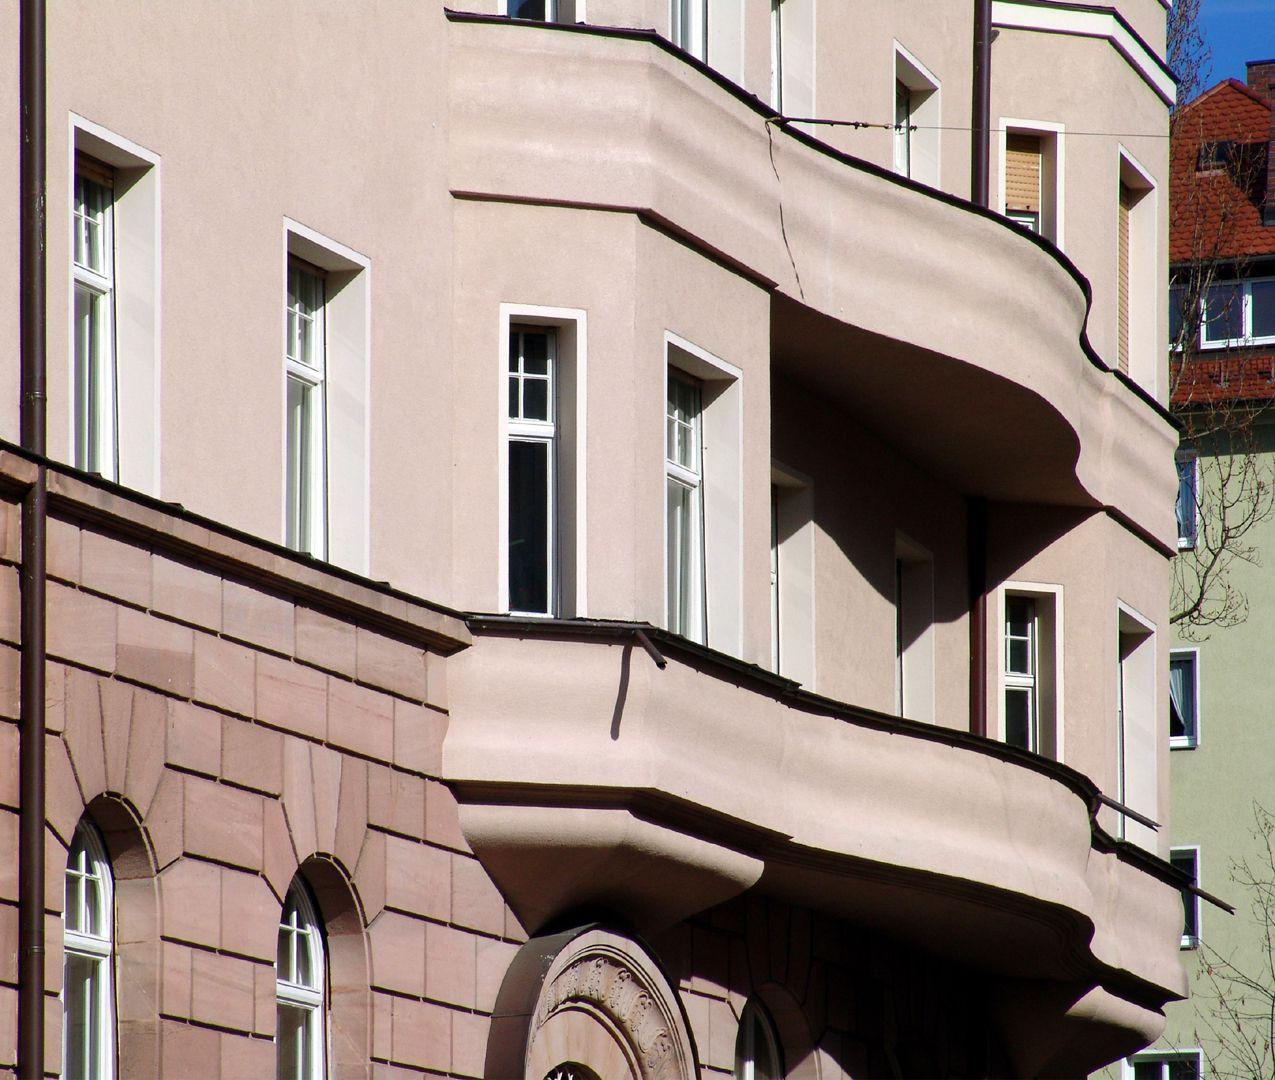 Wohnhaus, Burgschmietstraße 12 kurvierte Balkone